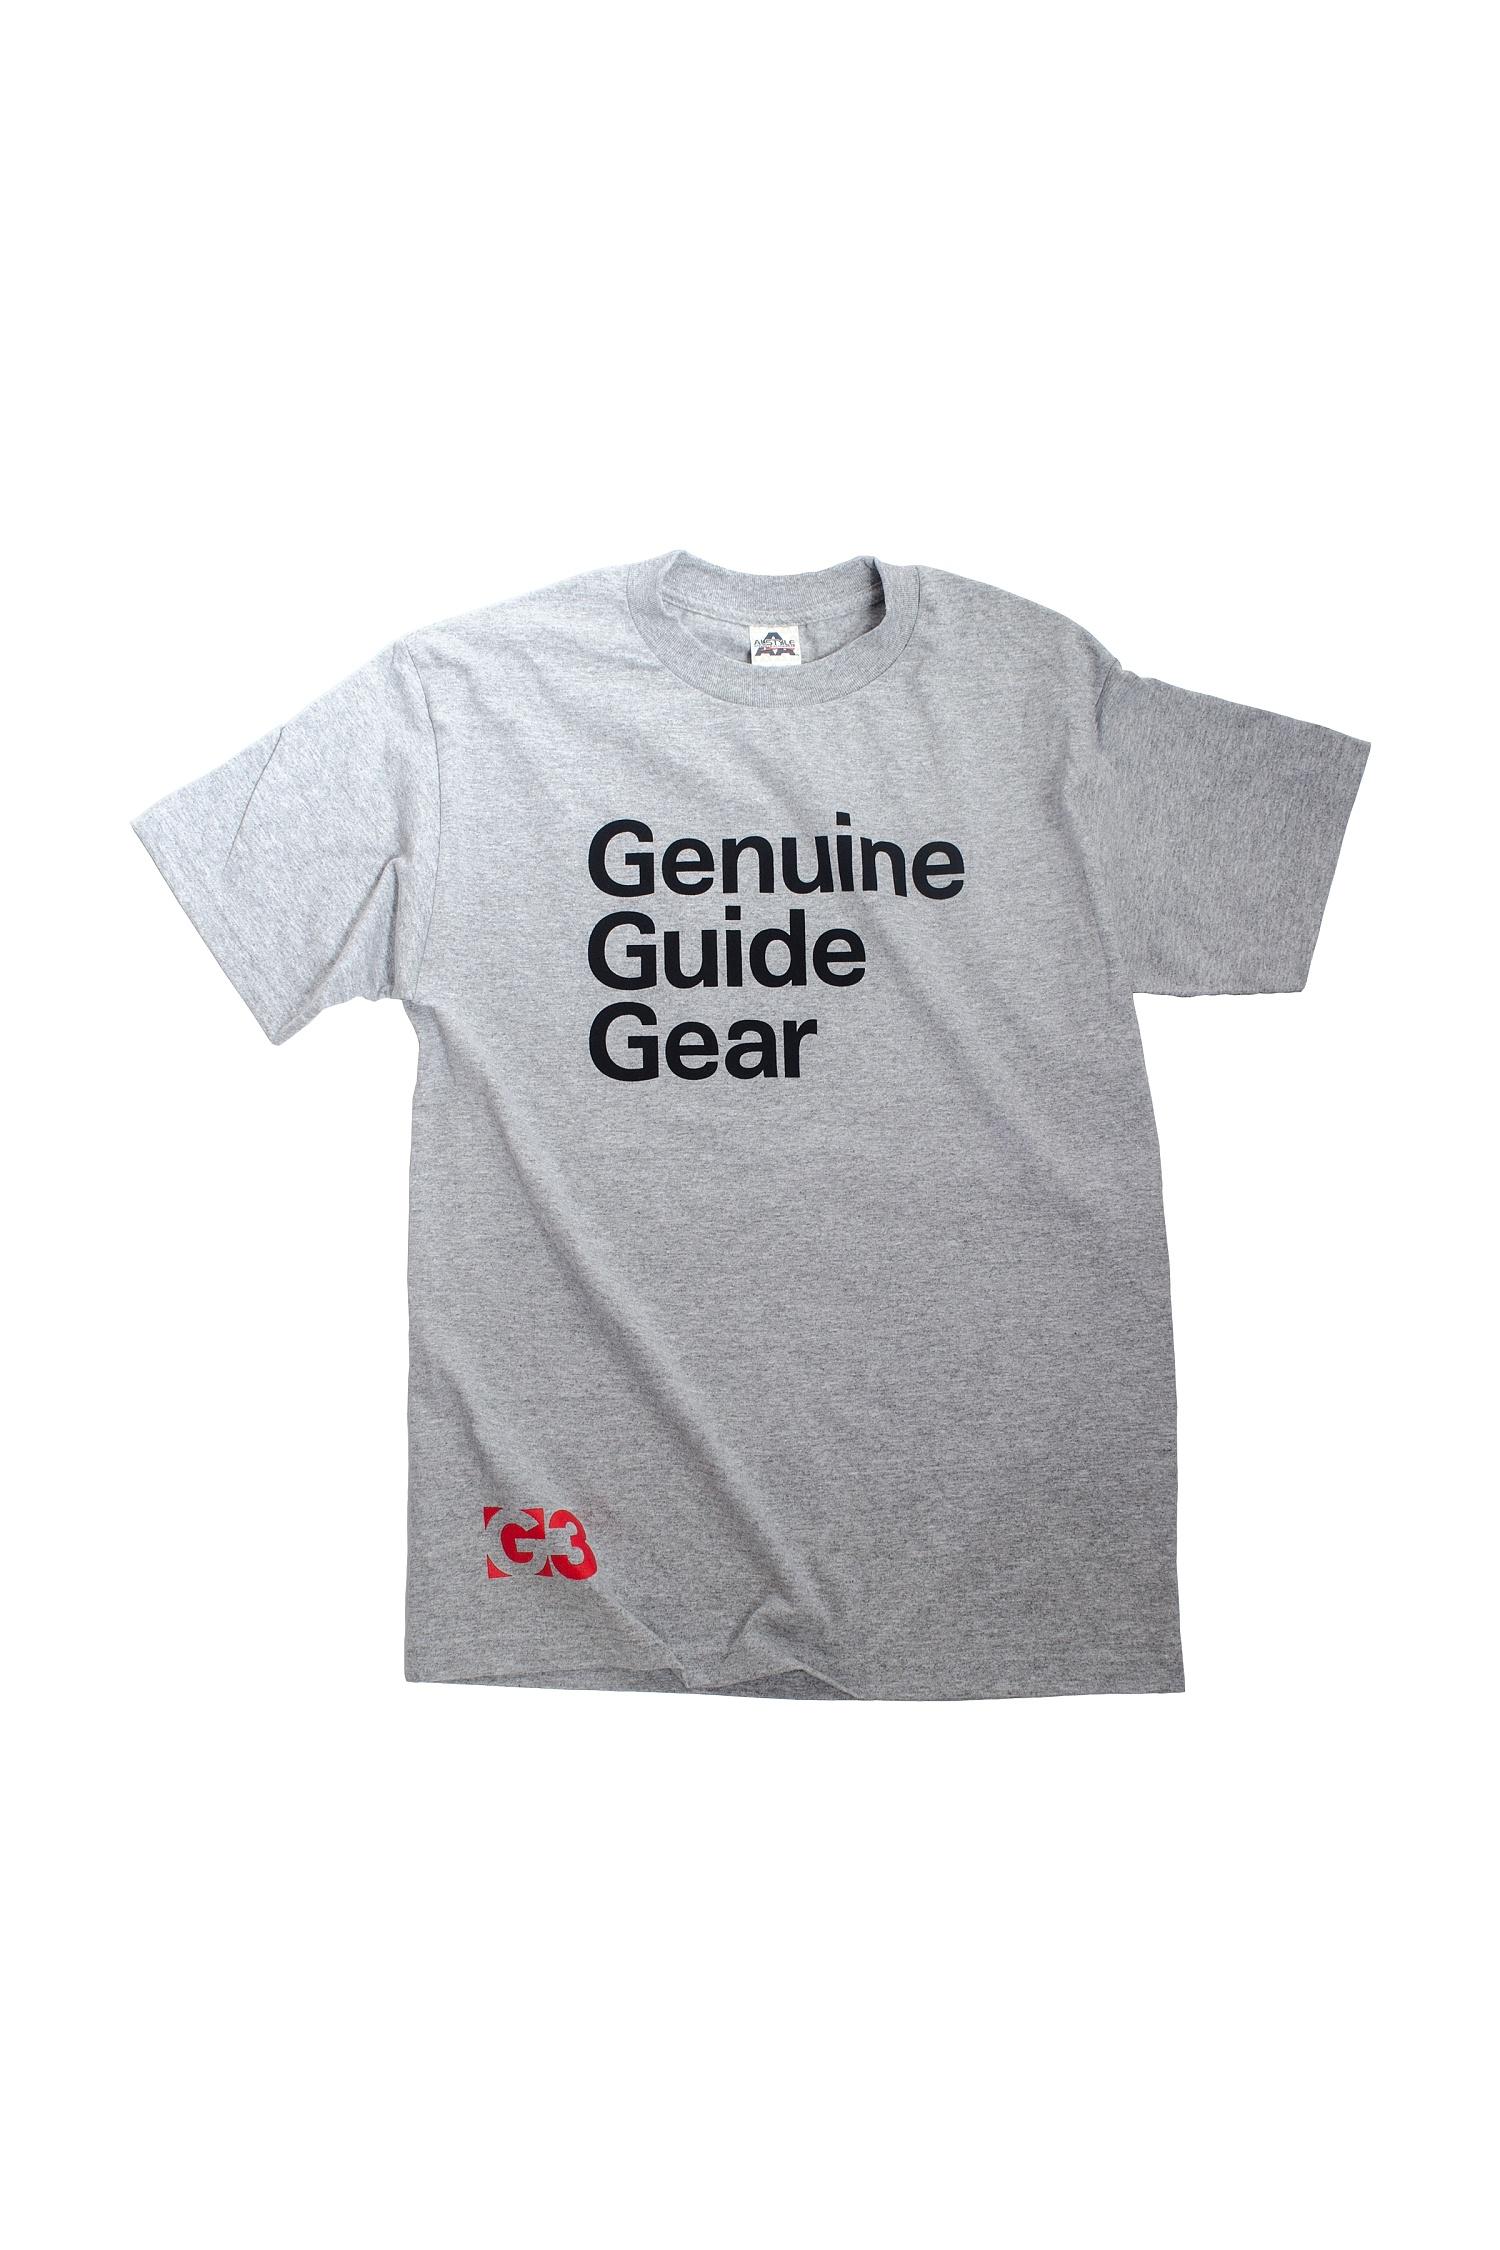 G3 Statement T-shirt.jpg